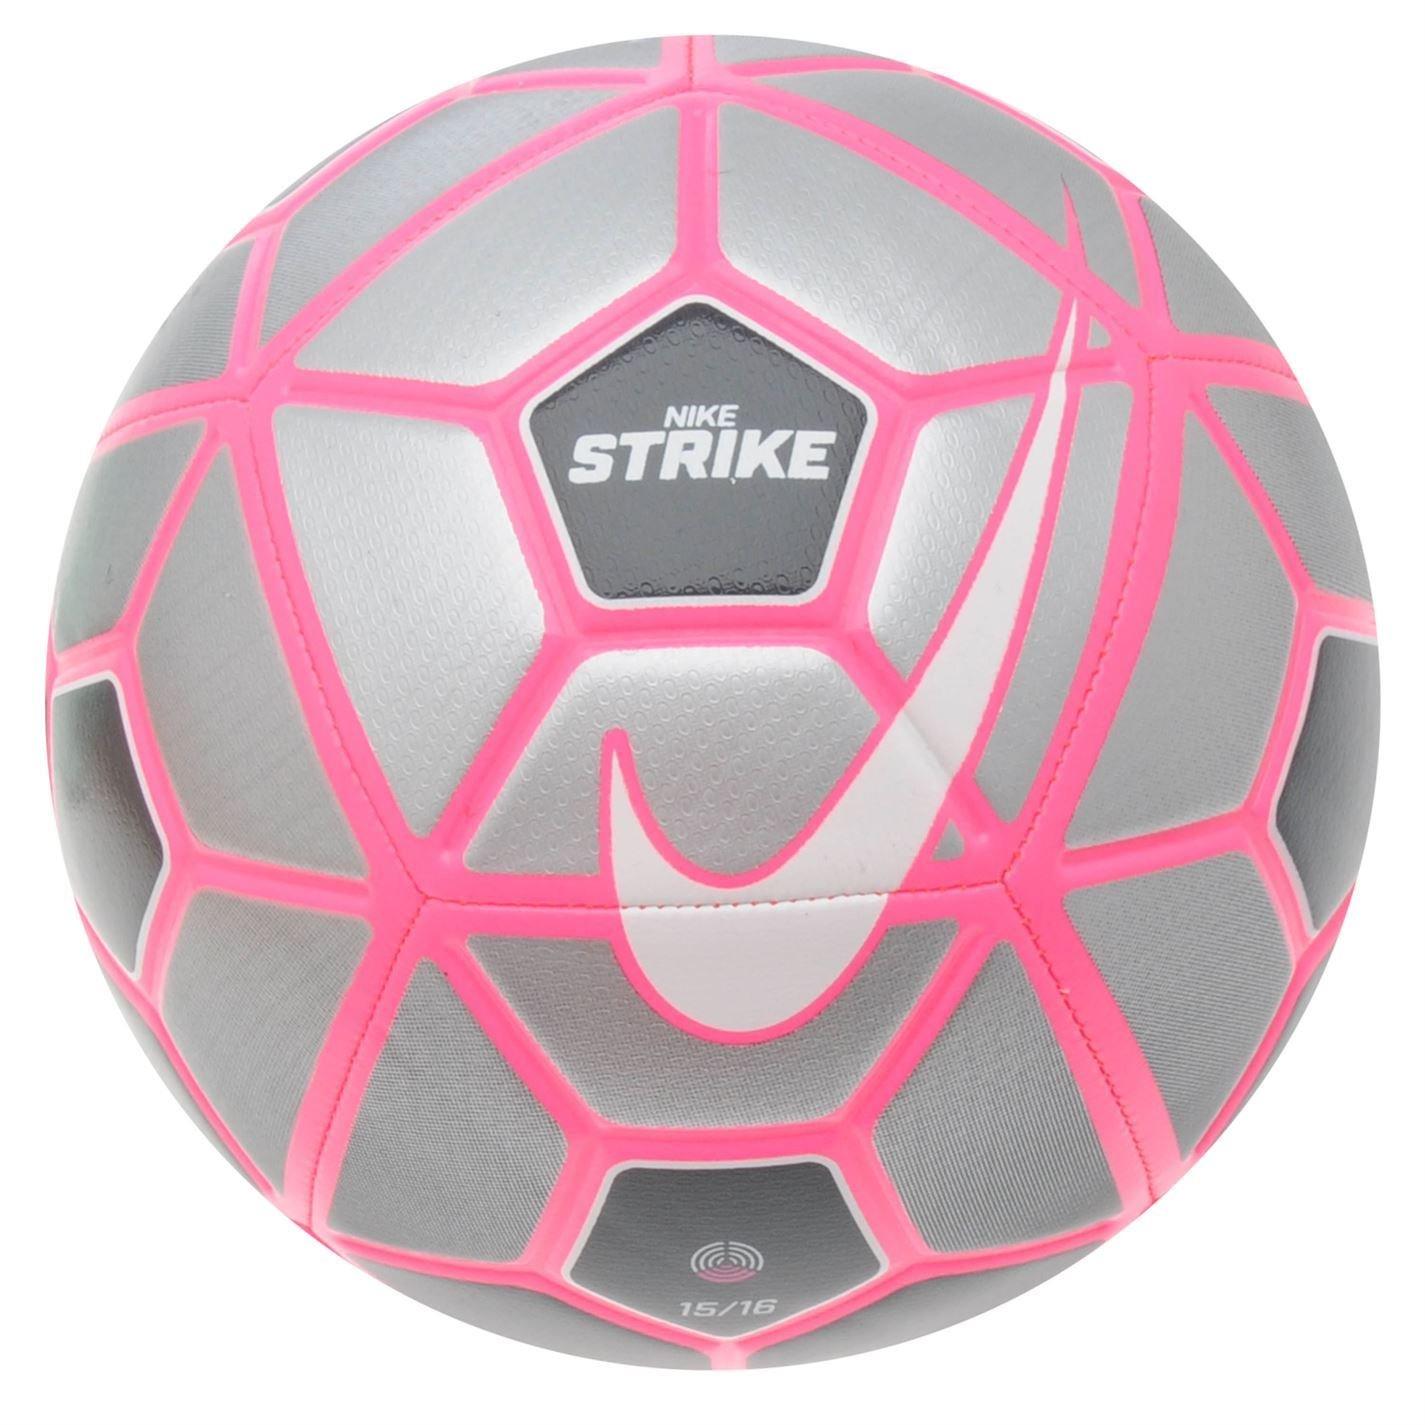 Nike Strike fútbol lobo gris/negro/rosa balón de fútbol, talla 3 ...